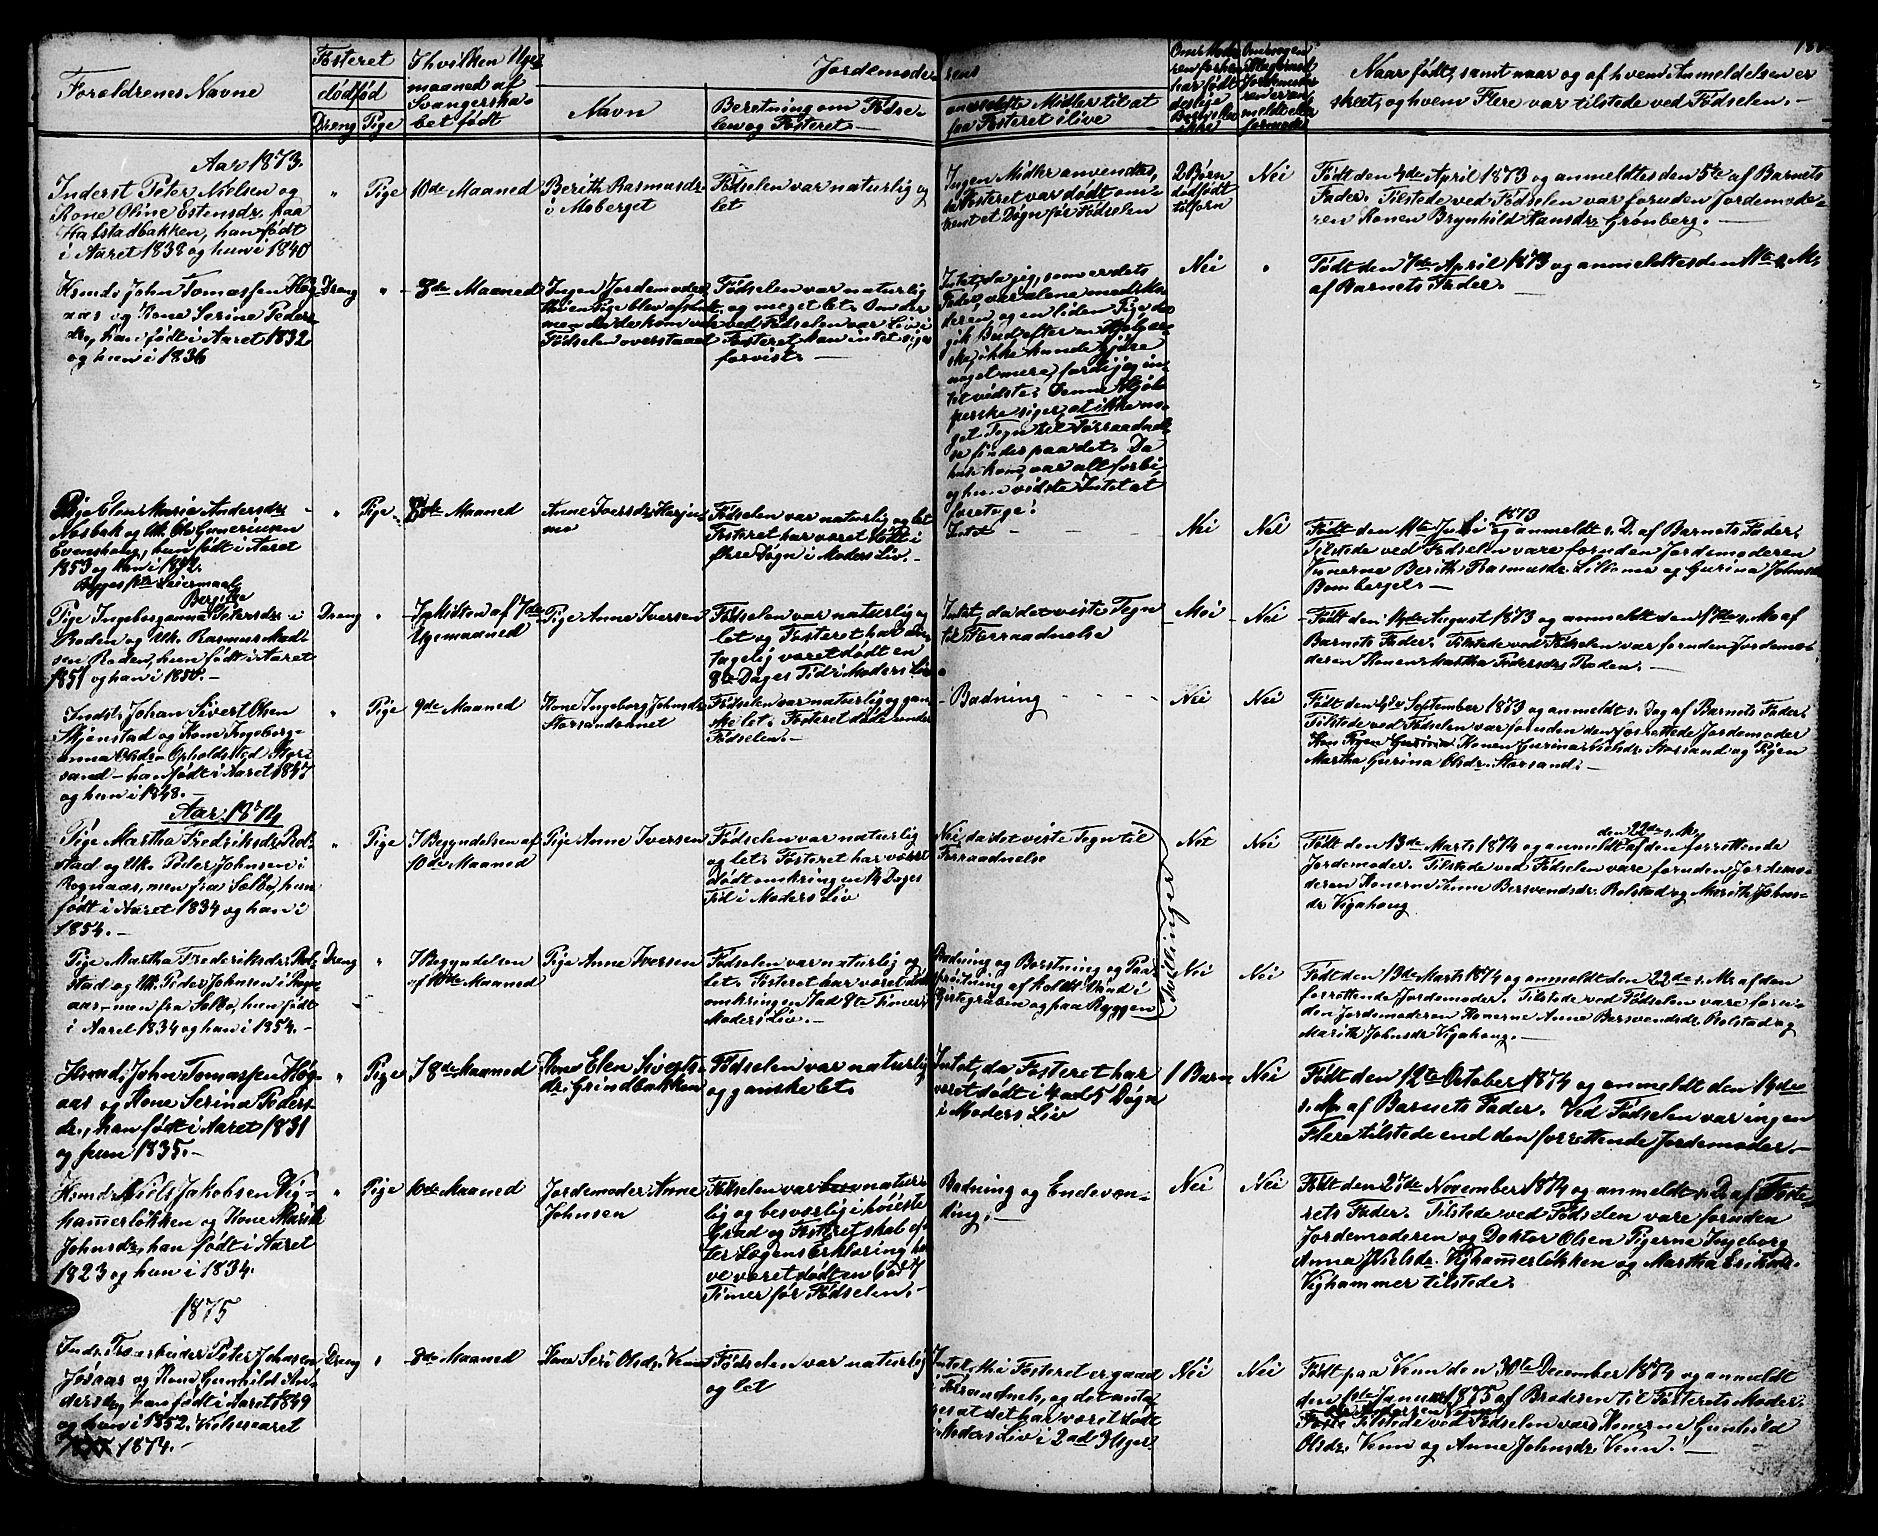 SAT, Ministerialprotokoller, klokkerbøker og fødselsregistre - Sør-Trøndelag, 616/L0422: Klokkerbok nr. 616C05, 1850-1888, s. 180